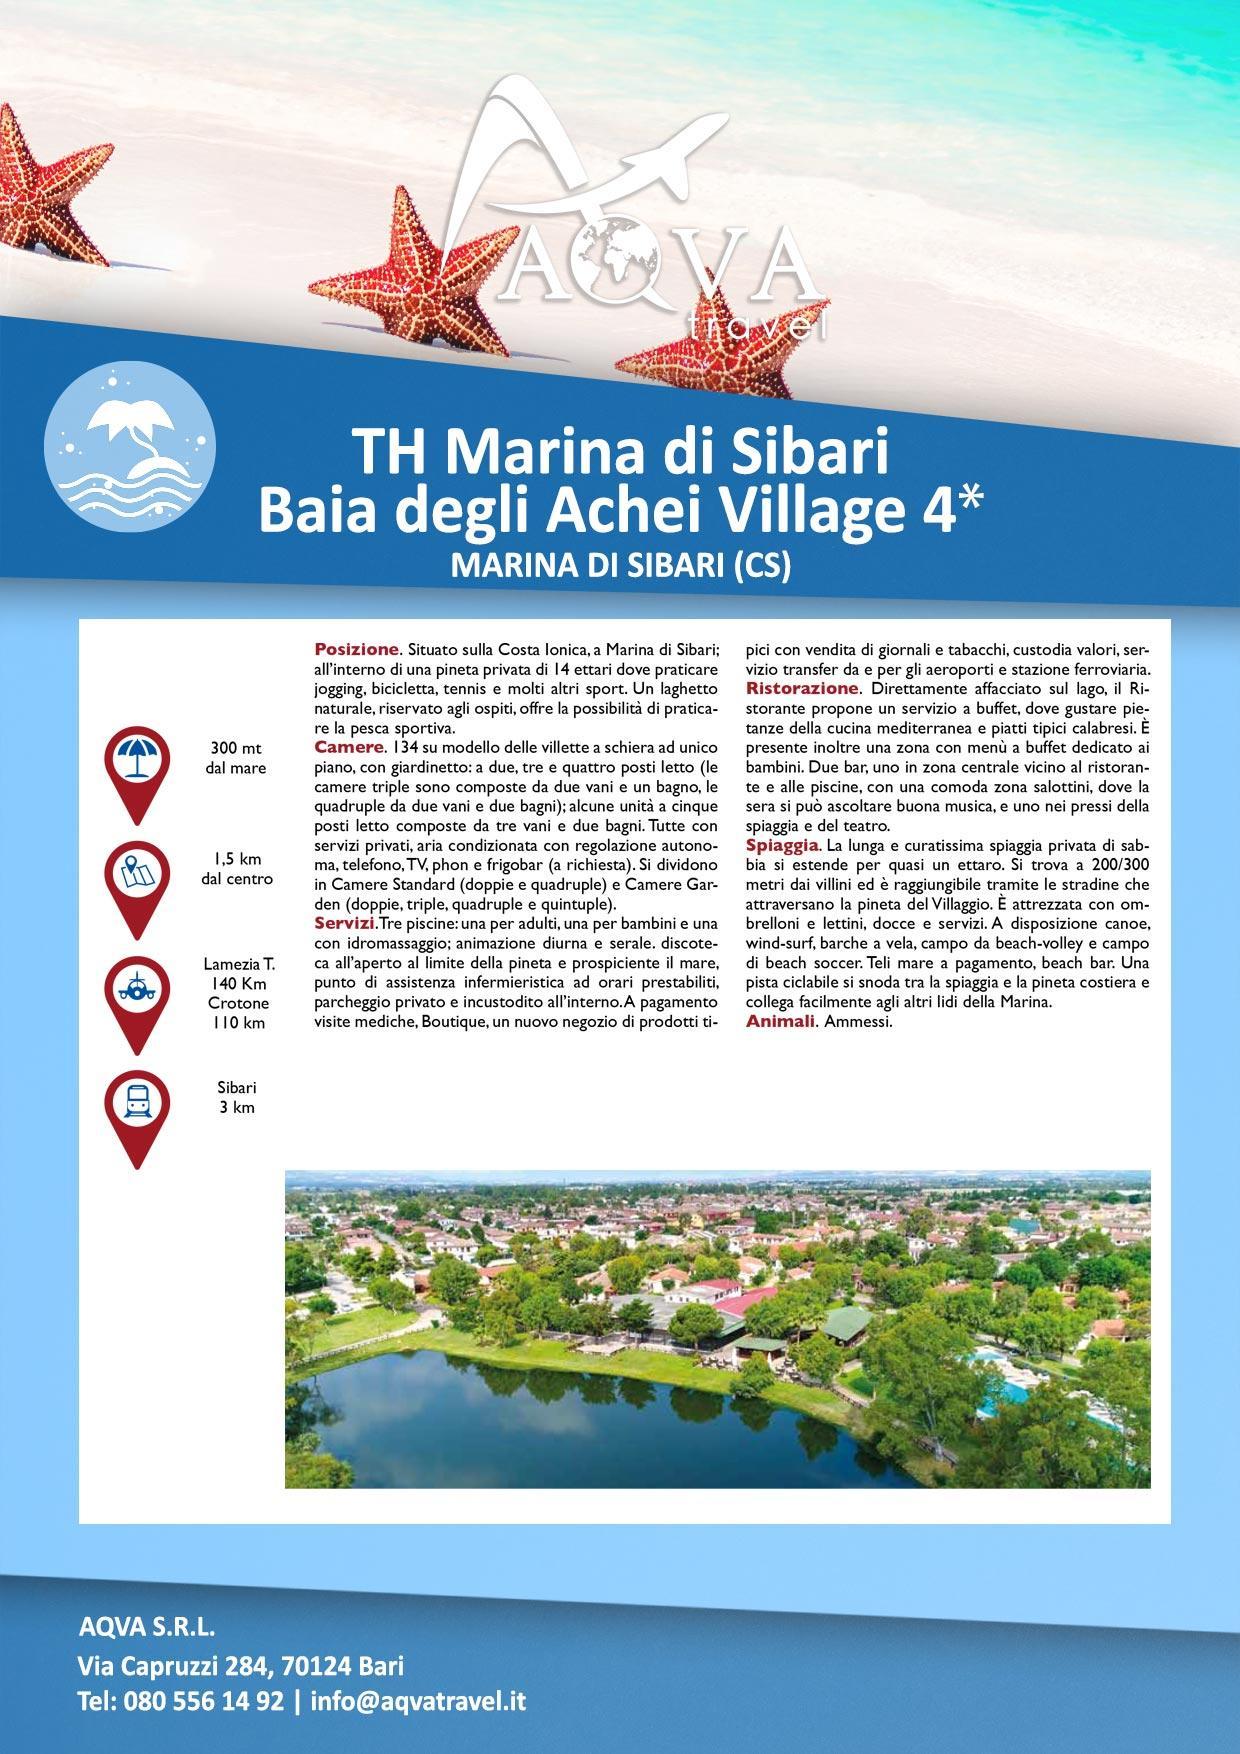 TH-Marina-di-Sibari-Baia-degli-Achei-Village-4-MARINA-DI-SIBARI-(CS)-Mare-offerte-agenzia-di-viaggi-Bari-AQVATRAVEL-it